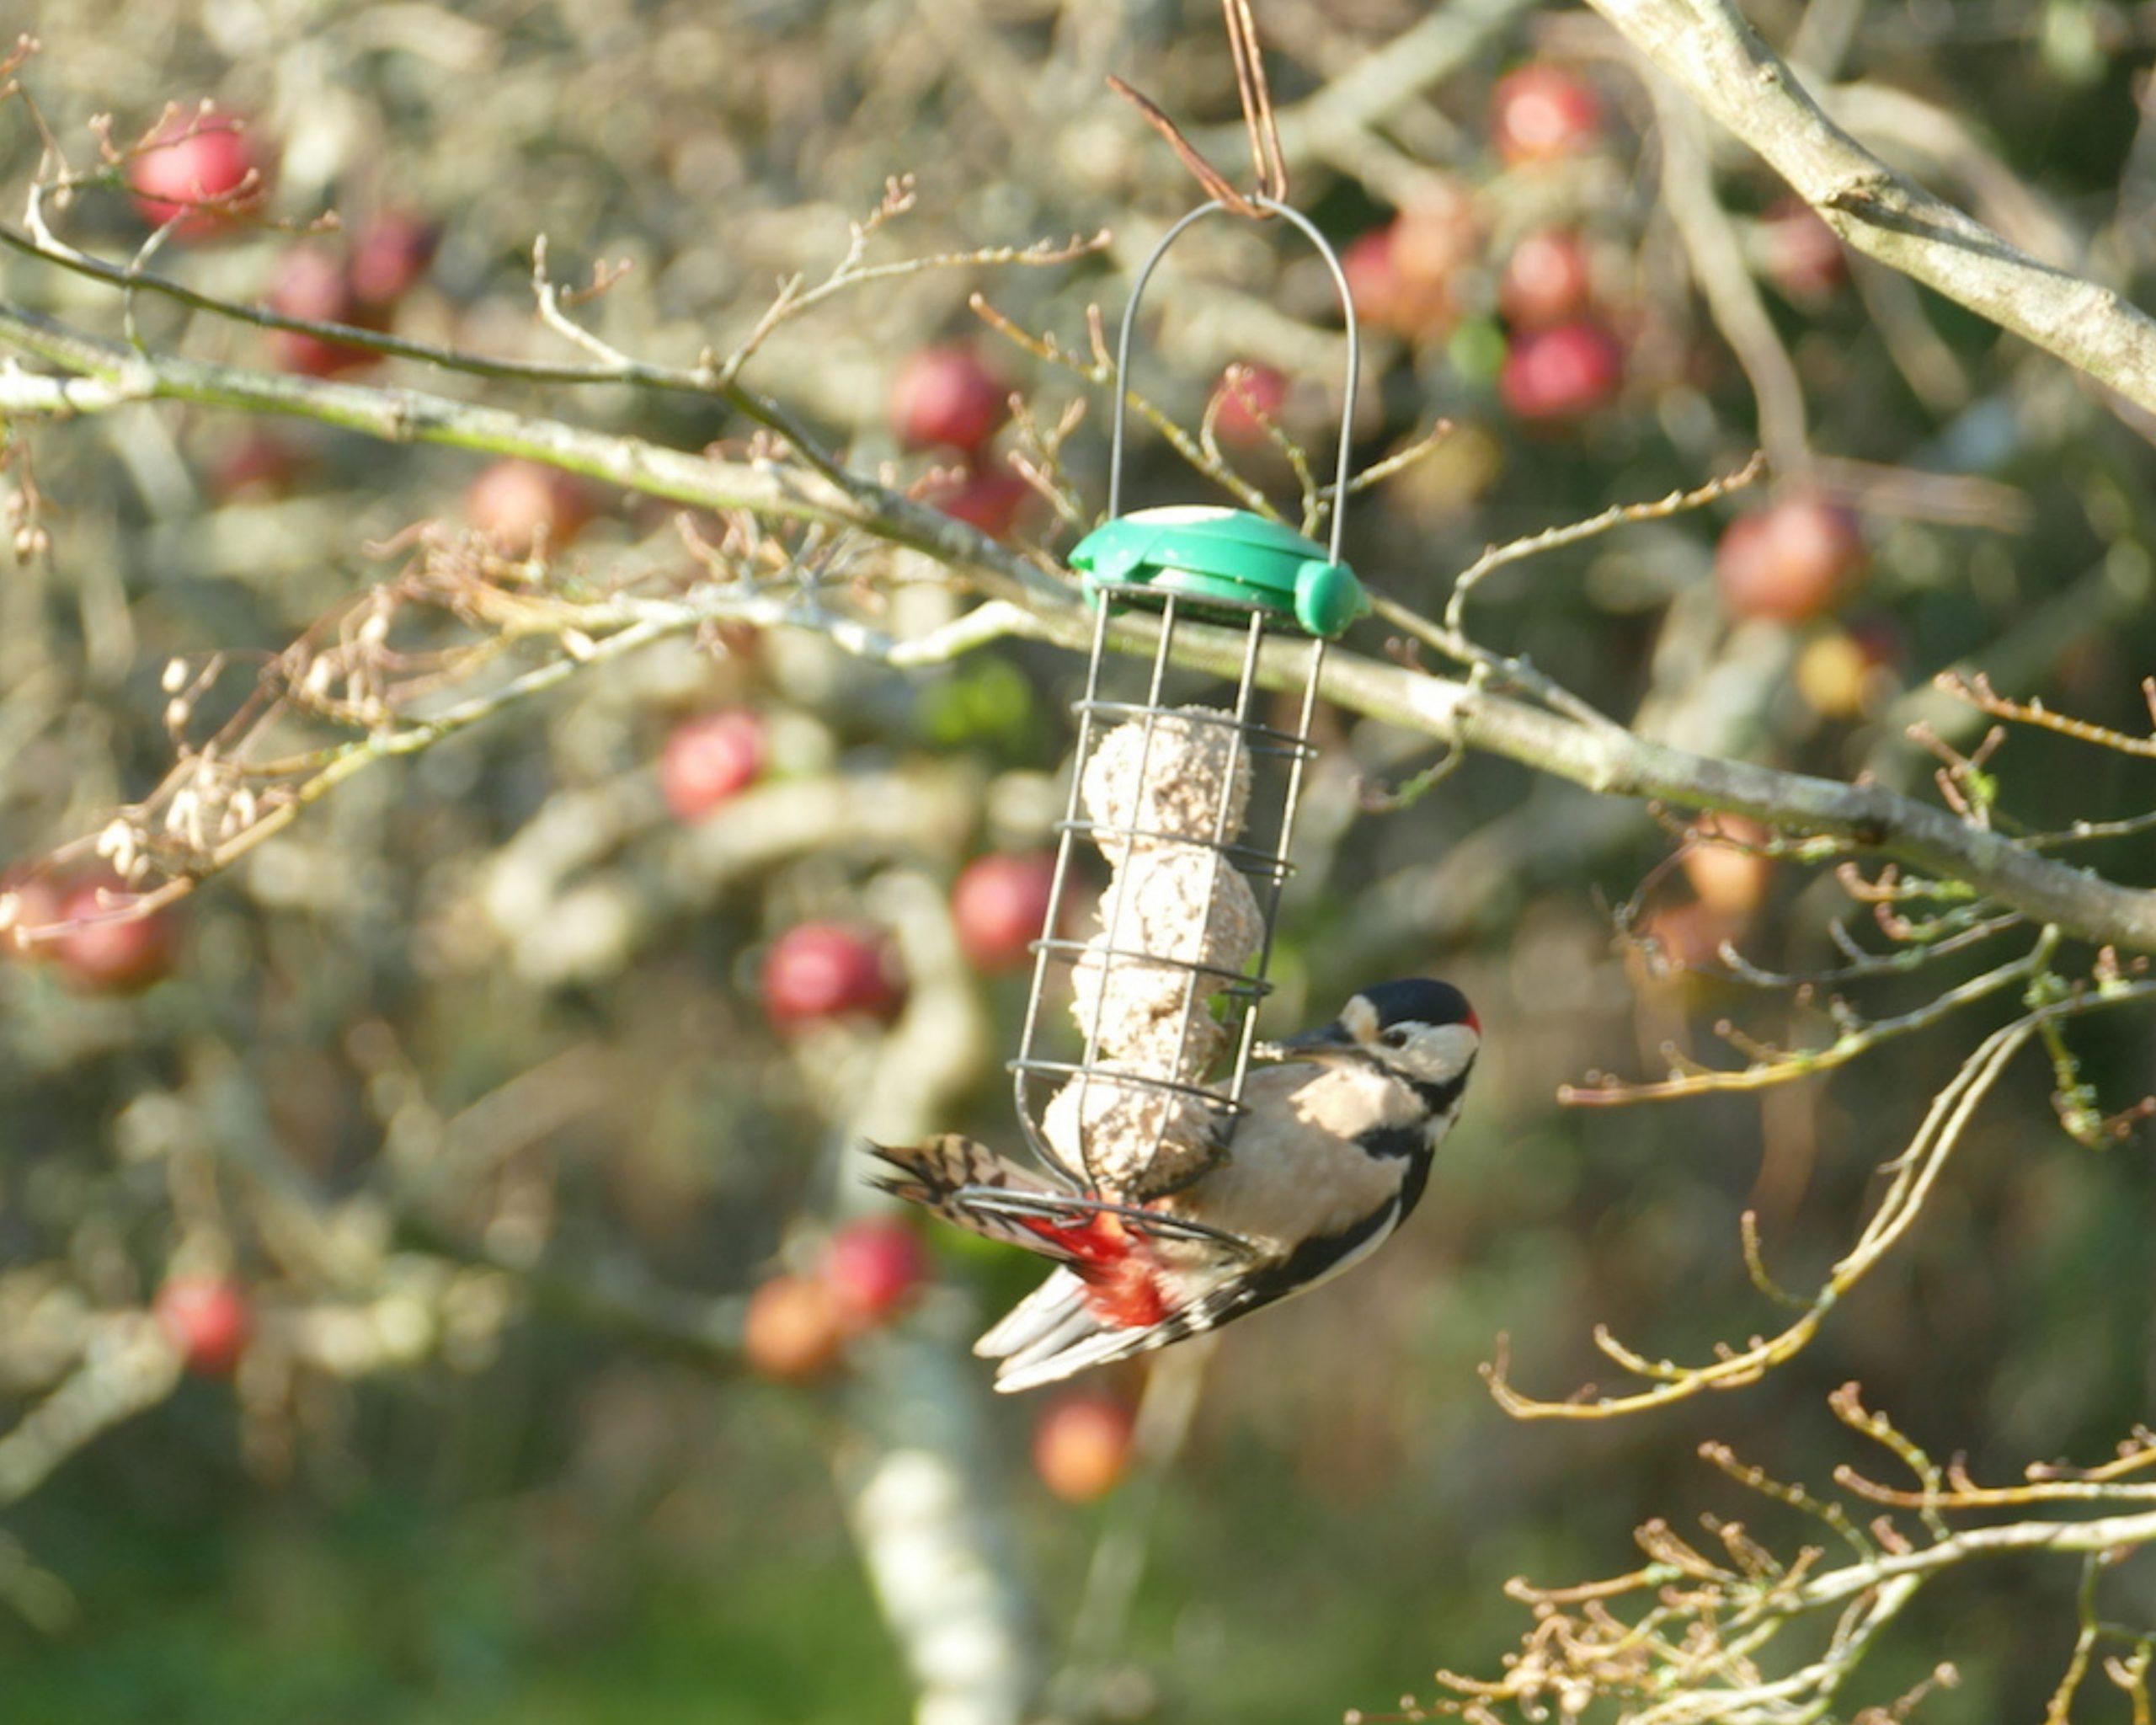 woodpecker at the bird feeder